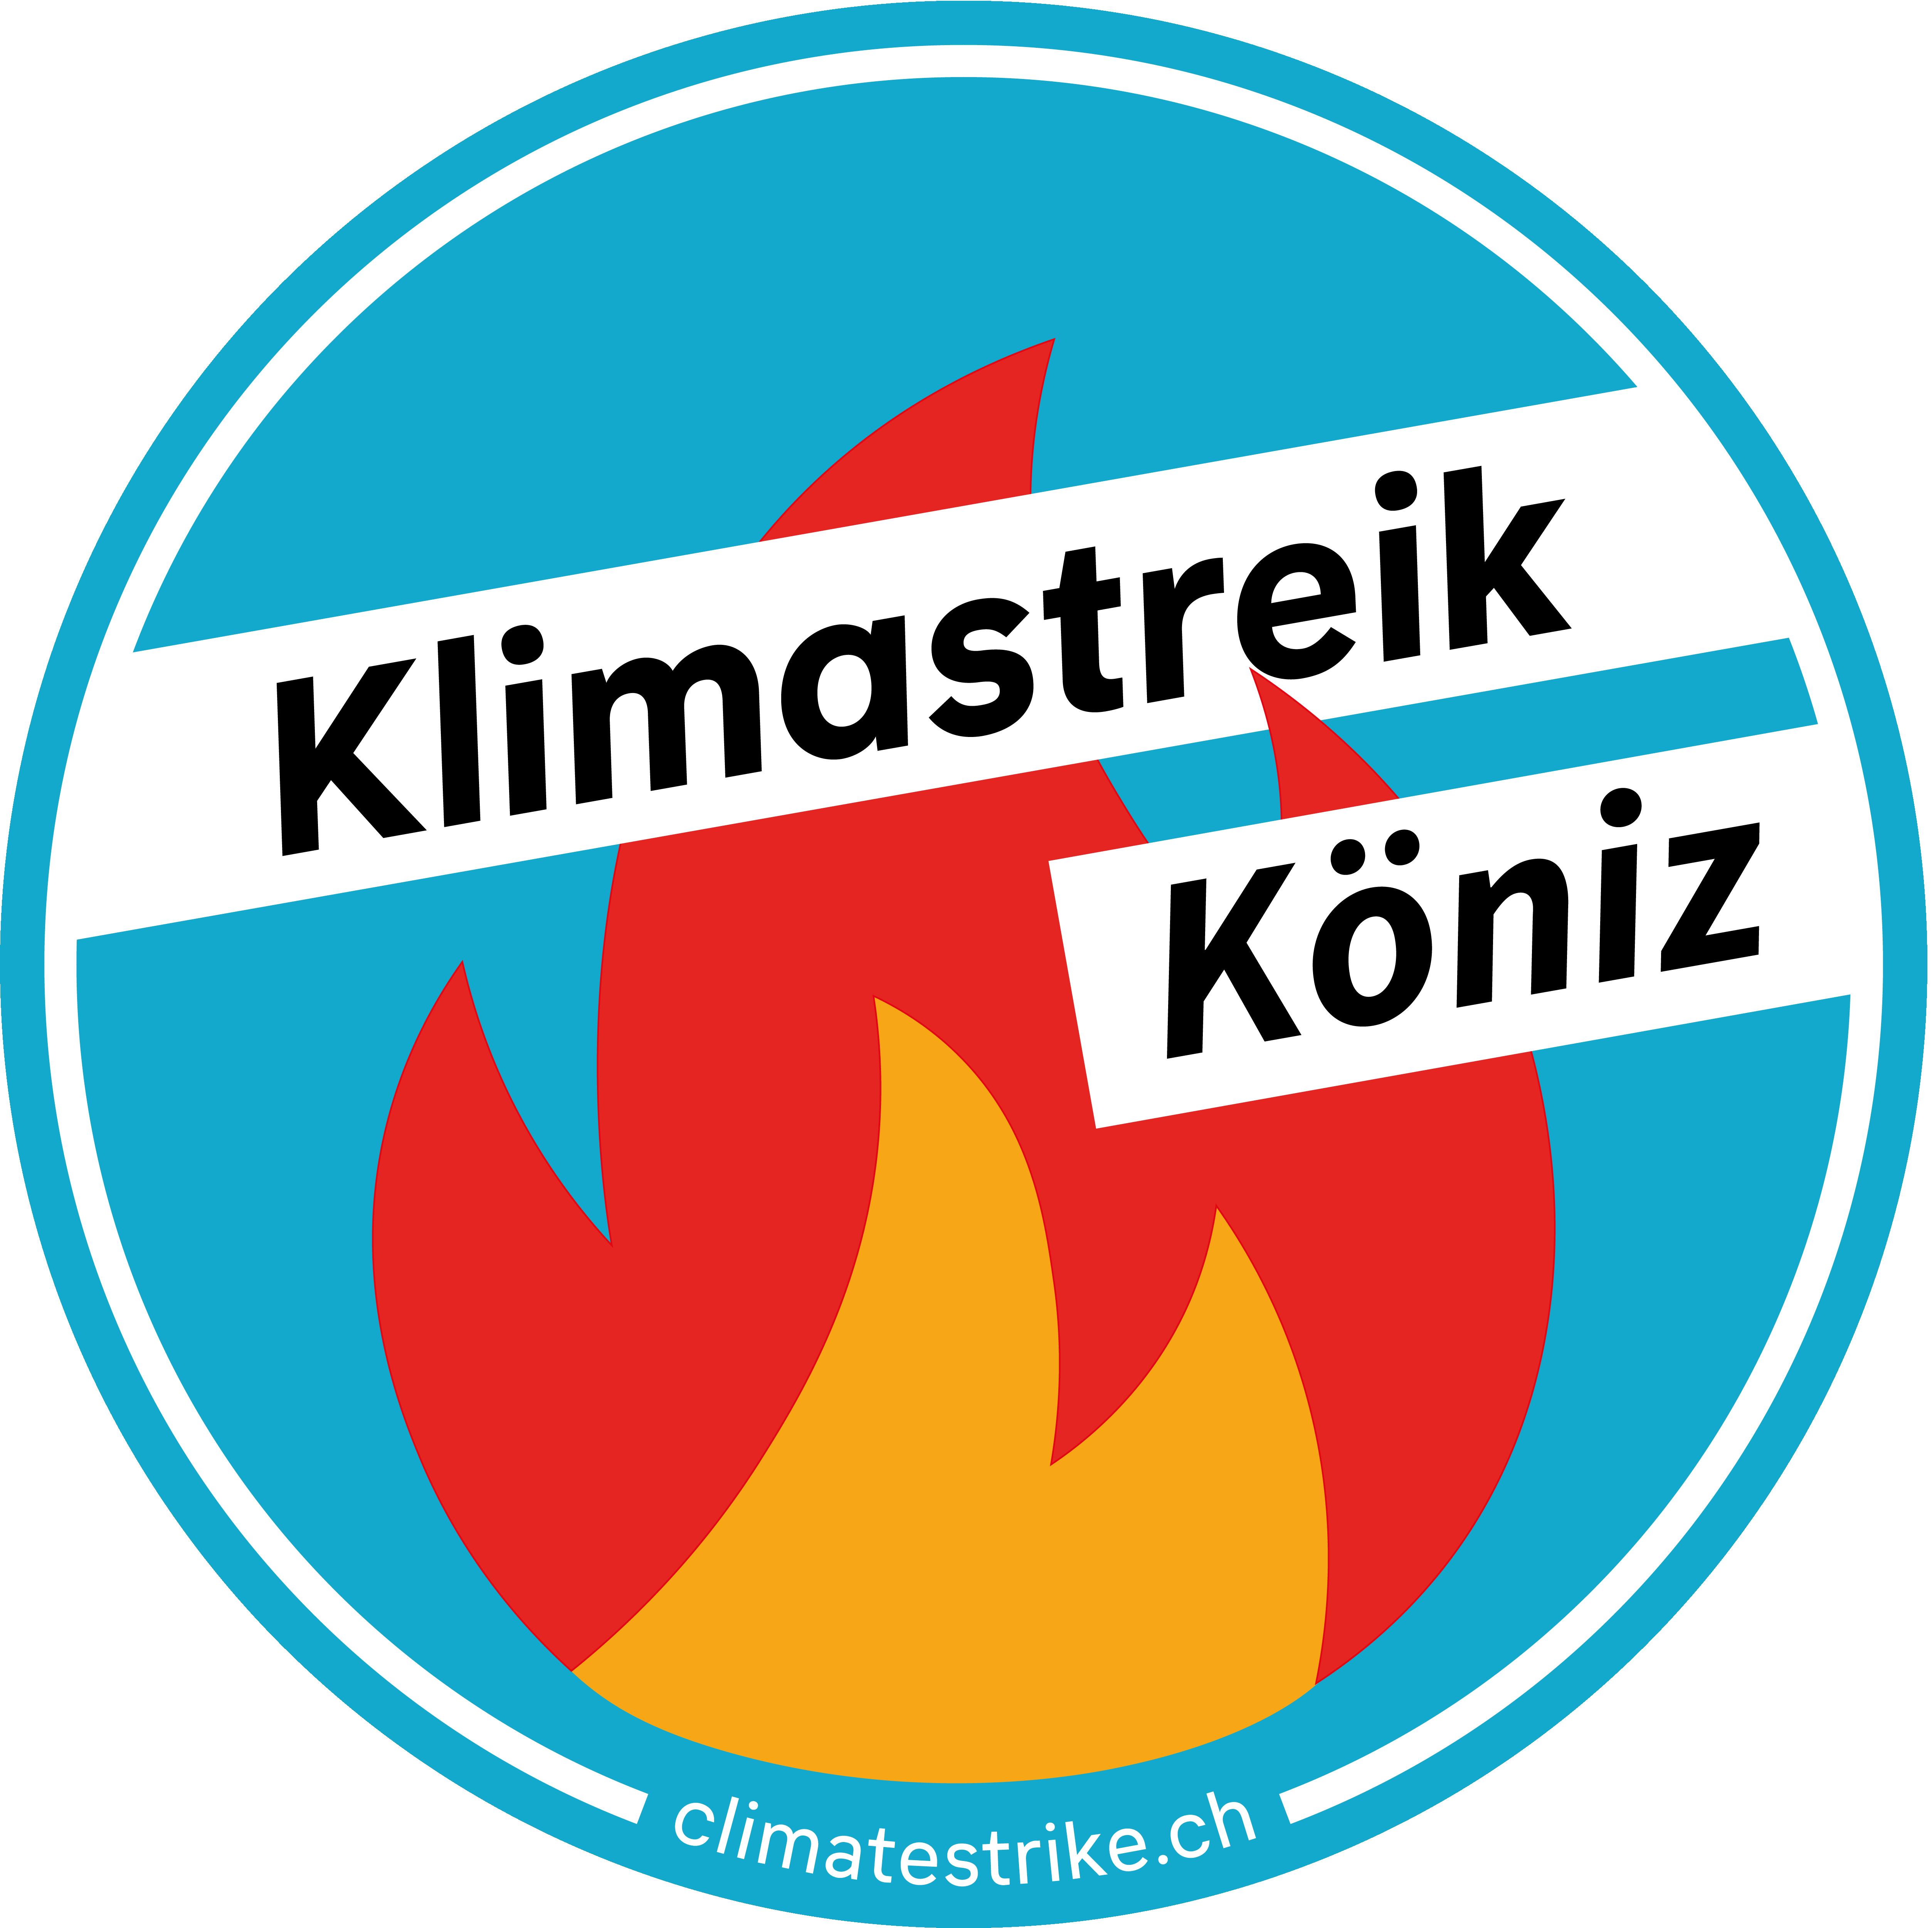 Klimastreik Logo